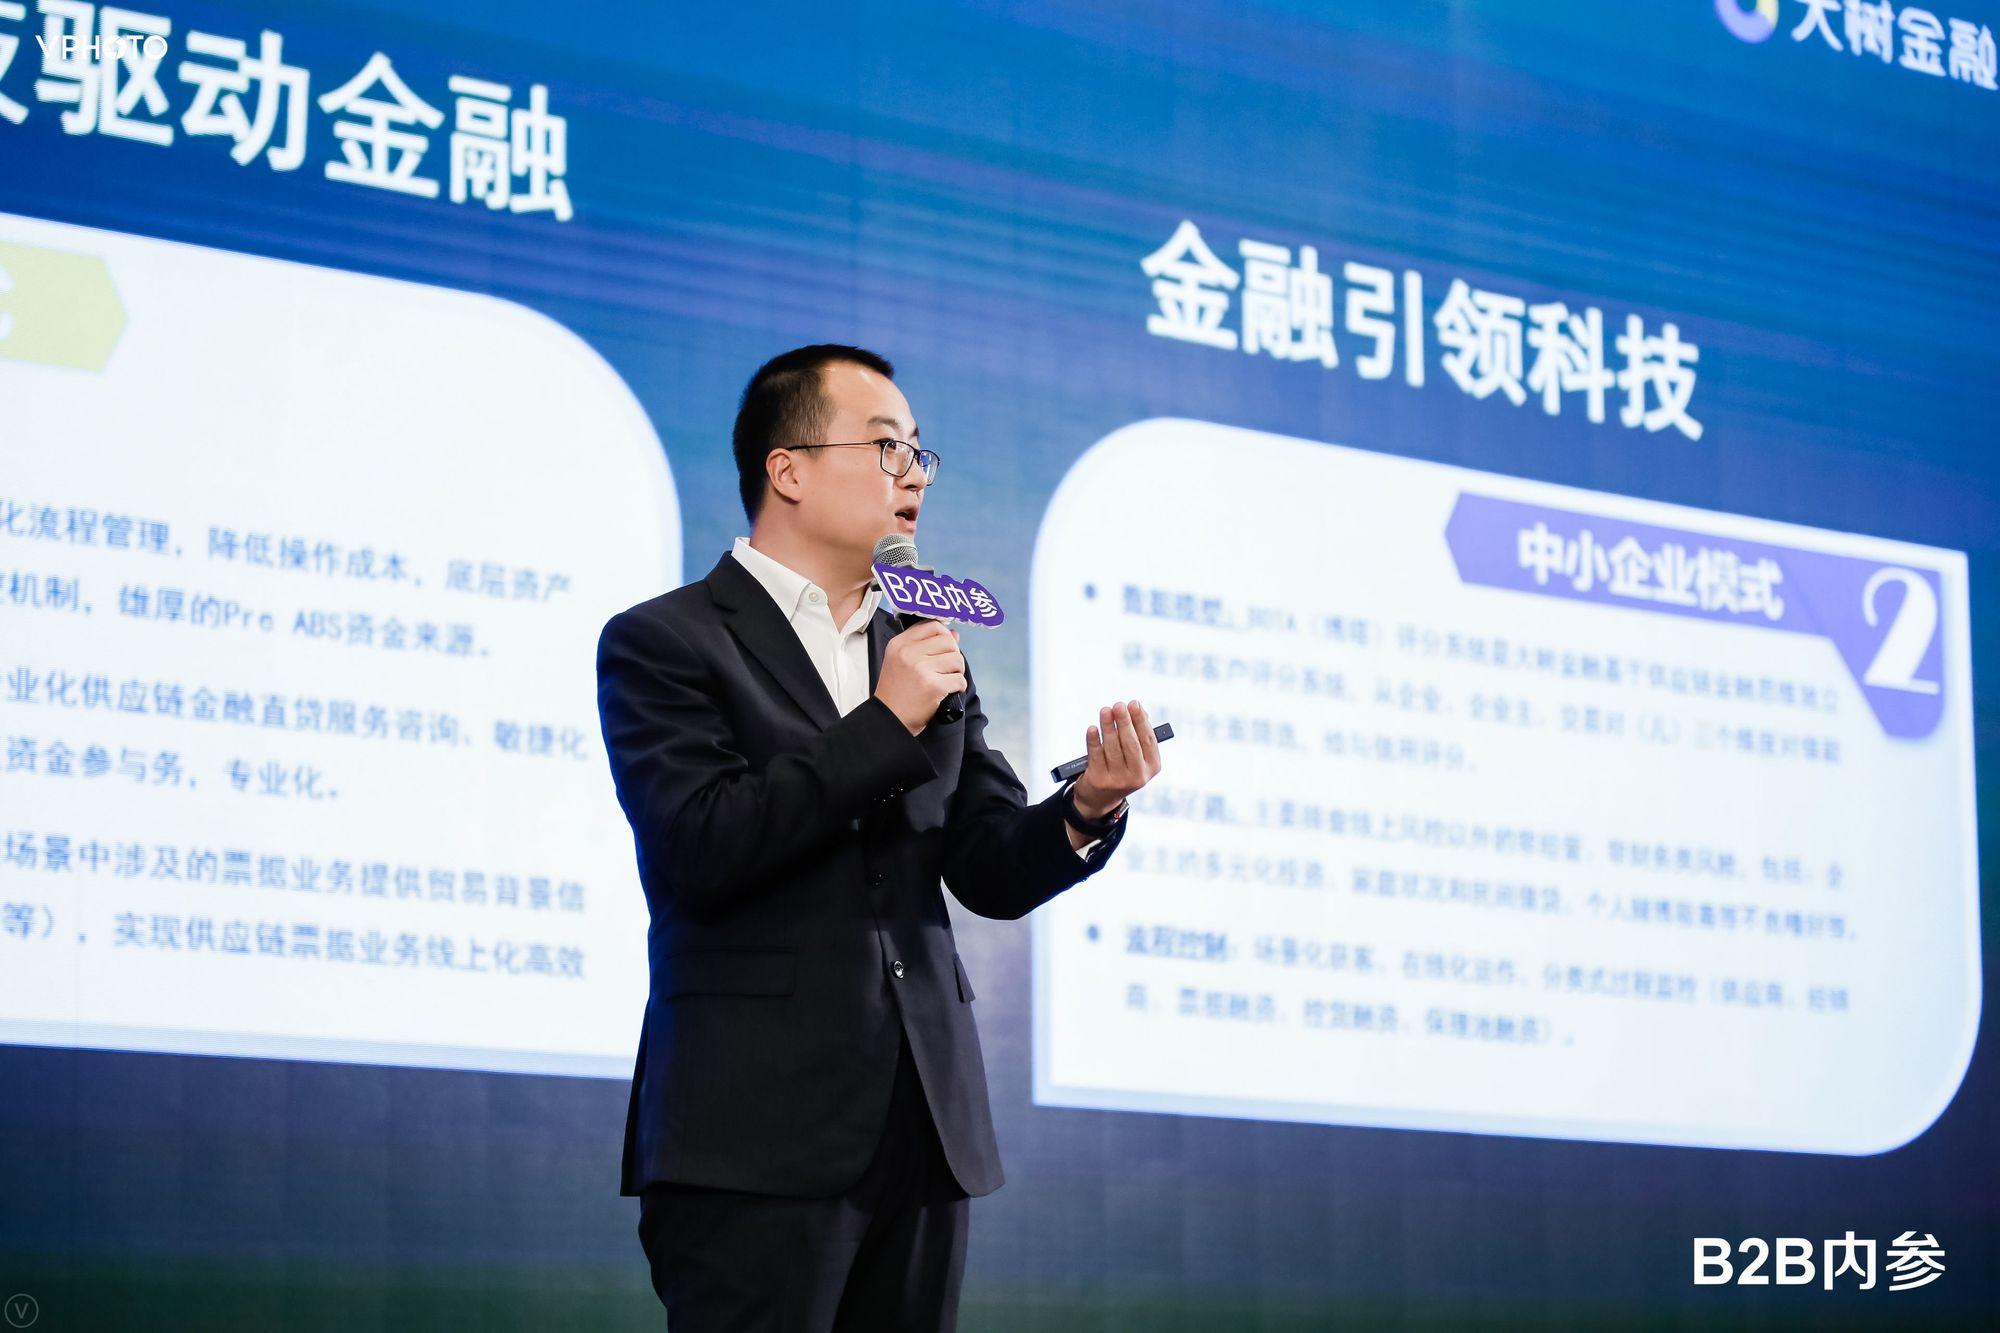 蔷薇大树金融受邀参加第三届中国B2B峰会 关注产业互联网创新发展